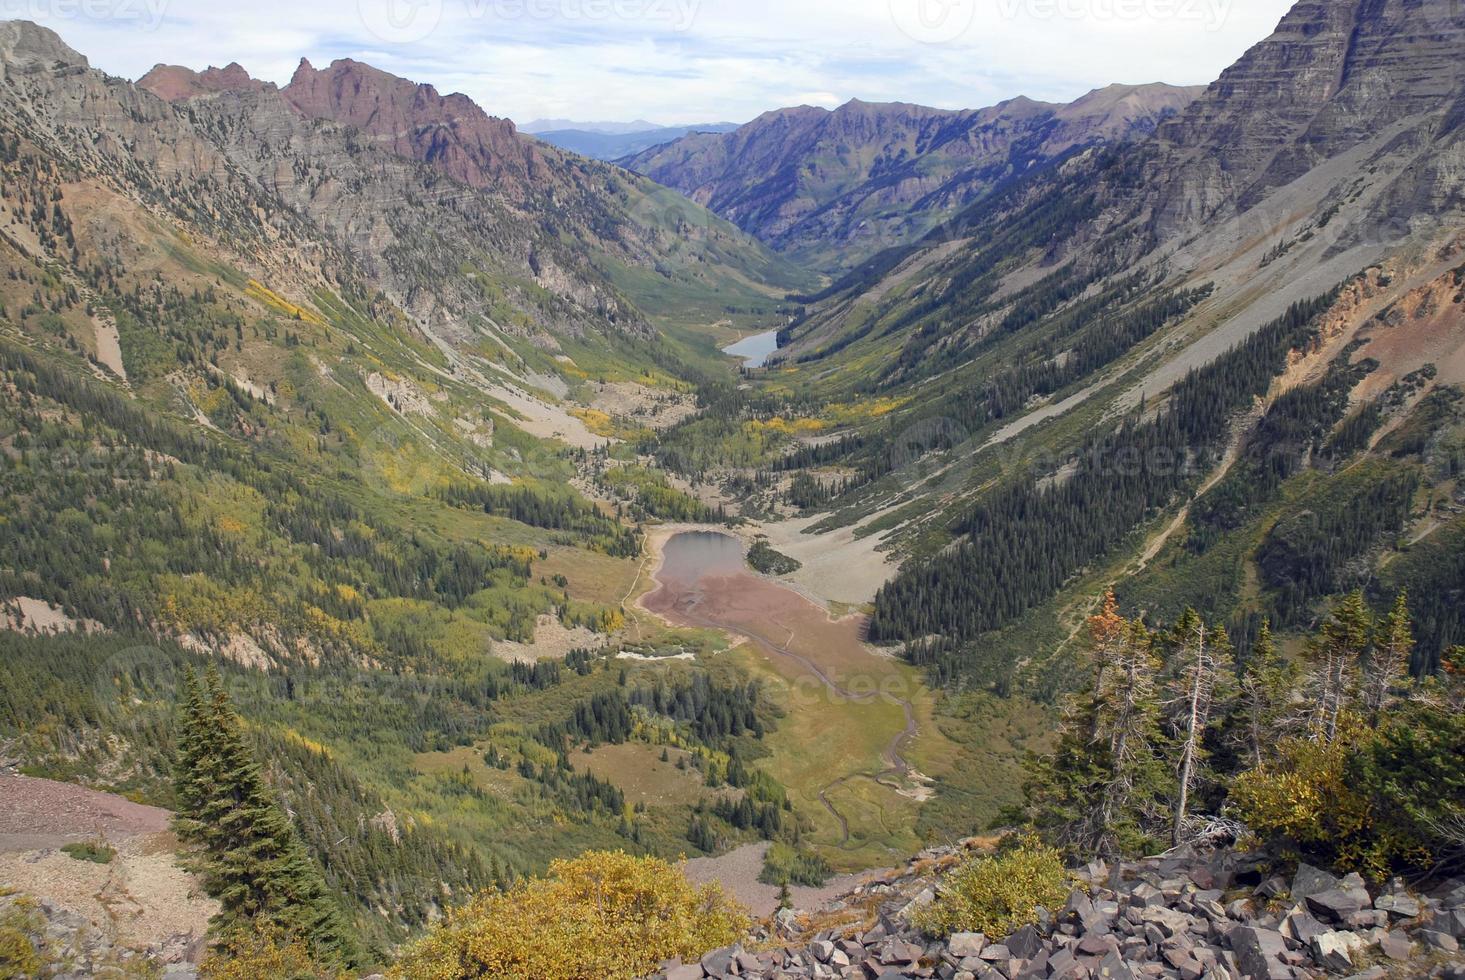 randonnée dans le feuillage d'automne, montagnes rocheuses, colorado photo